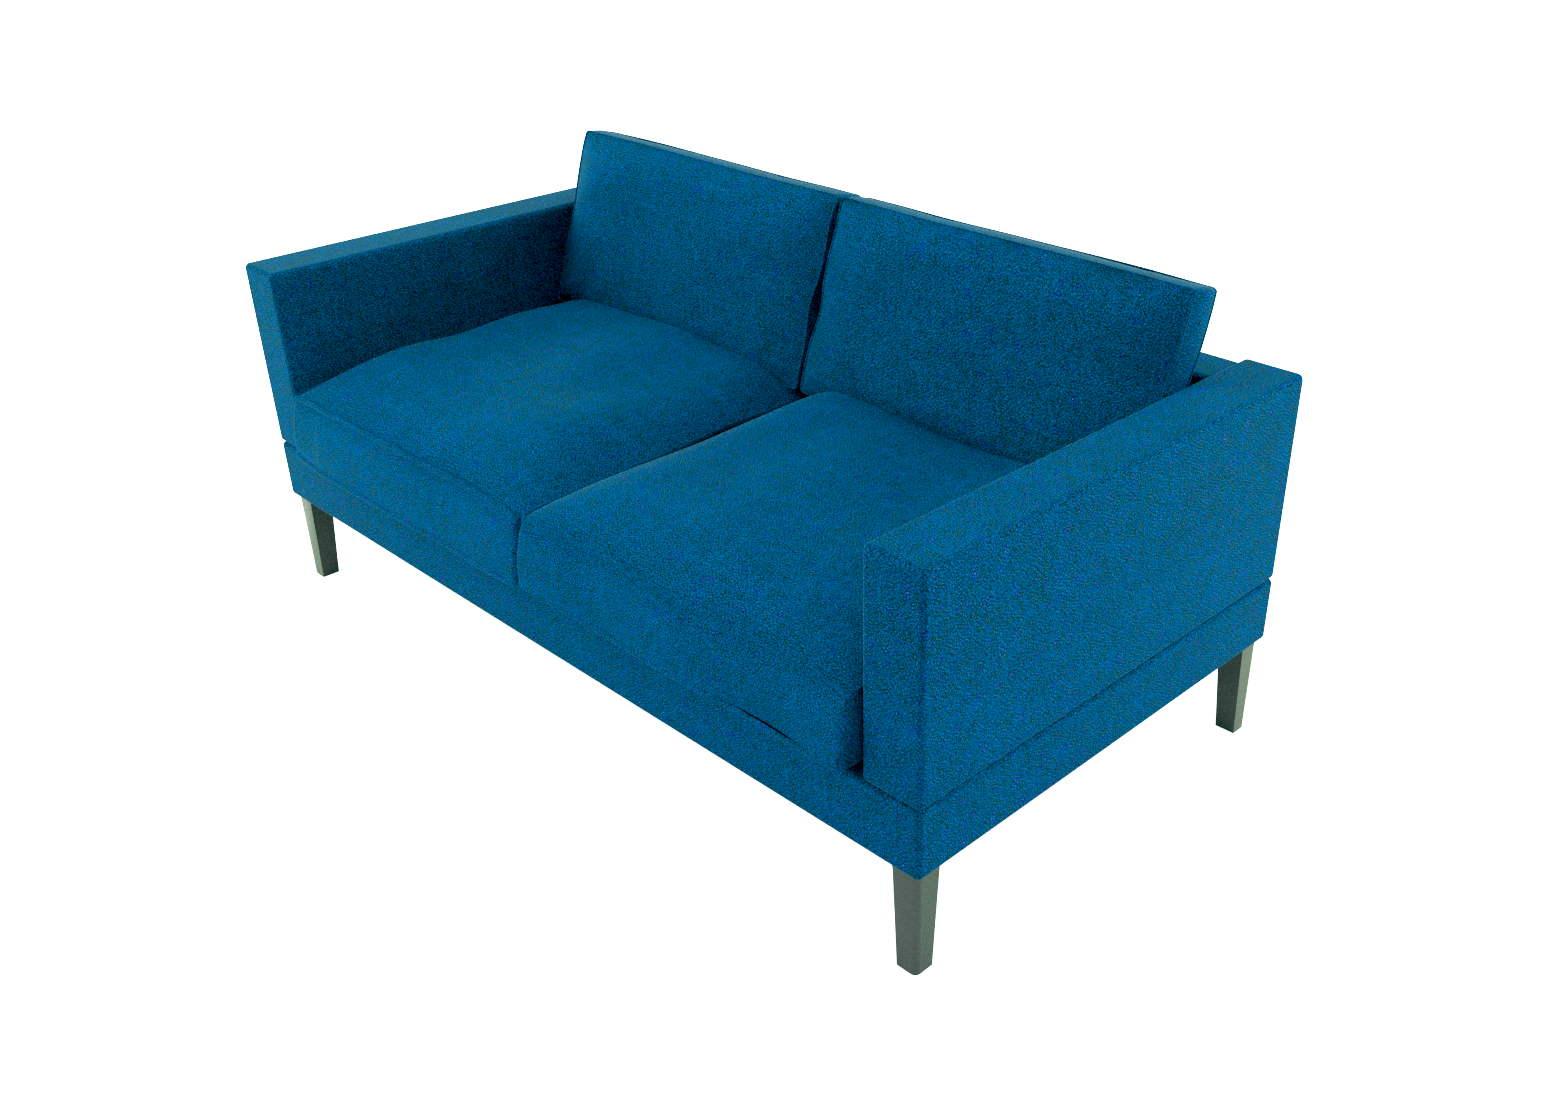 Intercept sofa